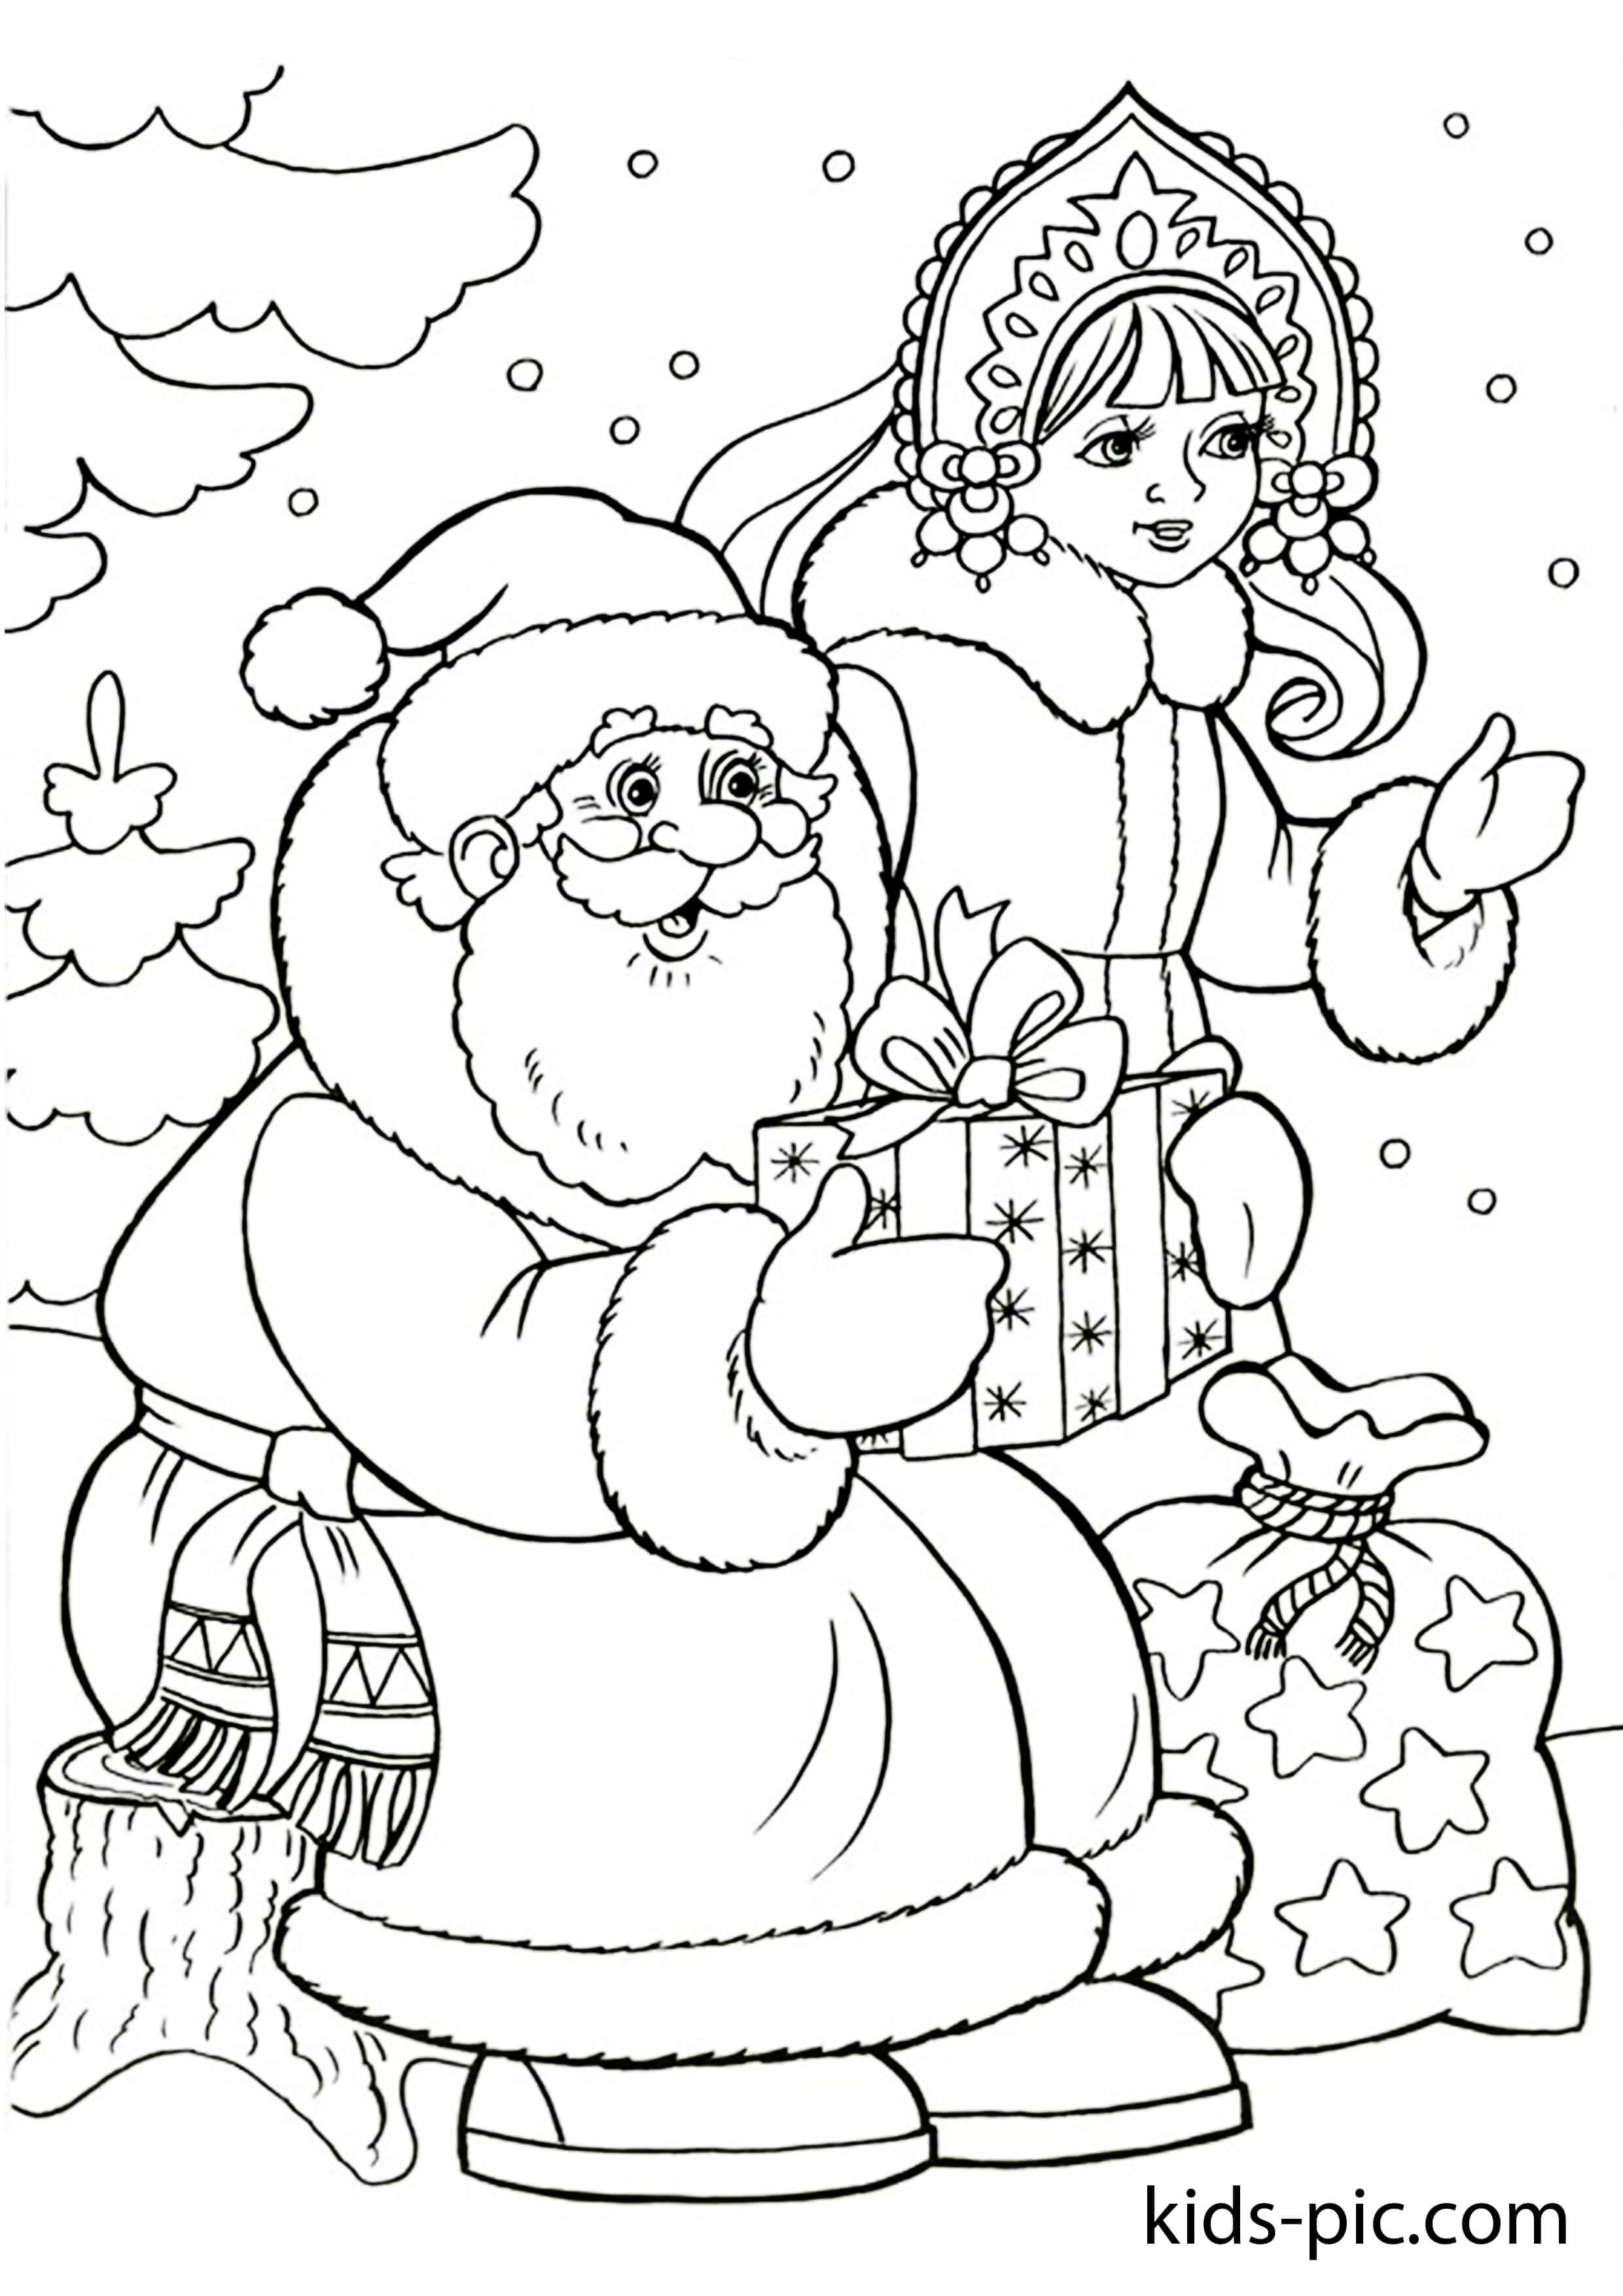 распечатать новогодние раскраски бесплатно Kids Pic Com